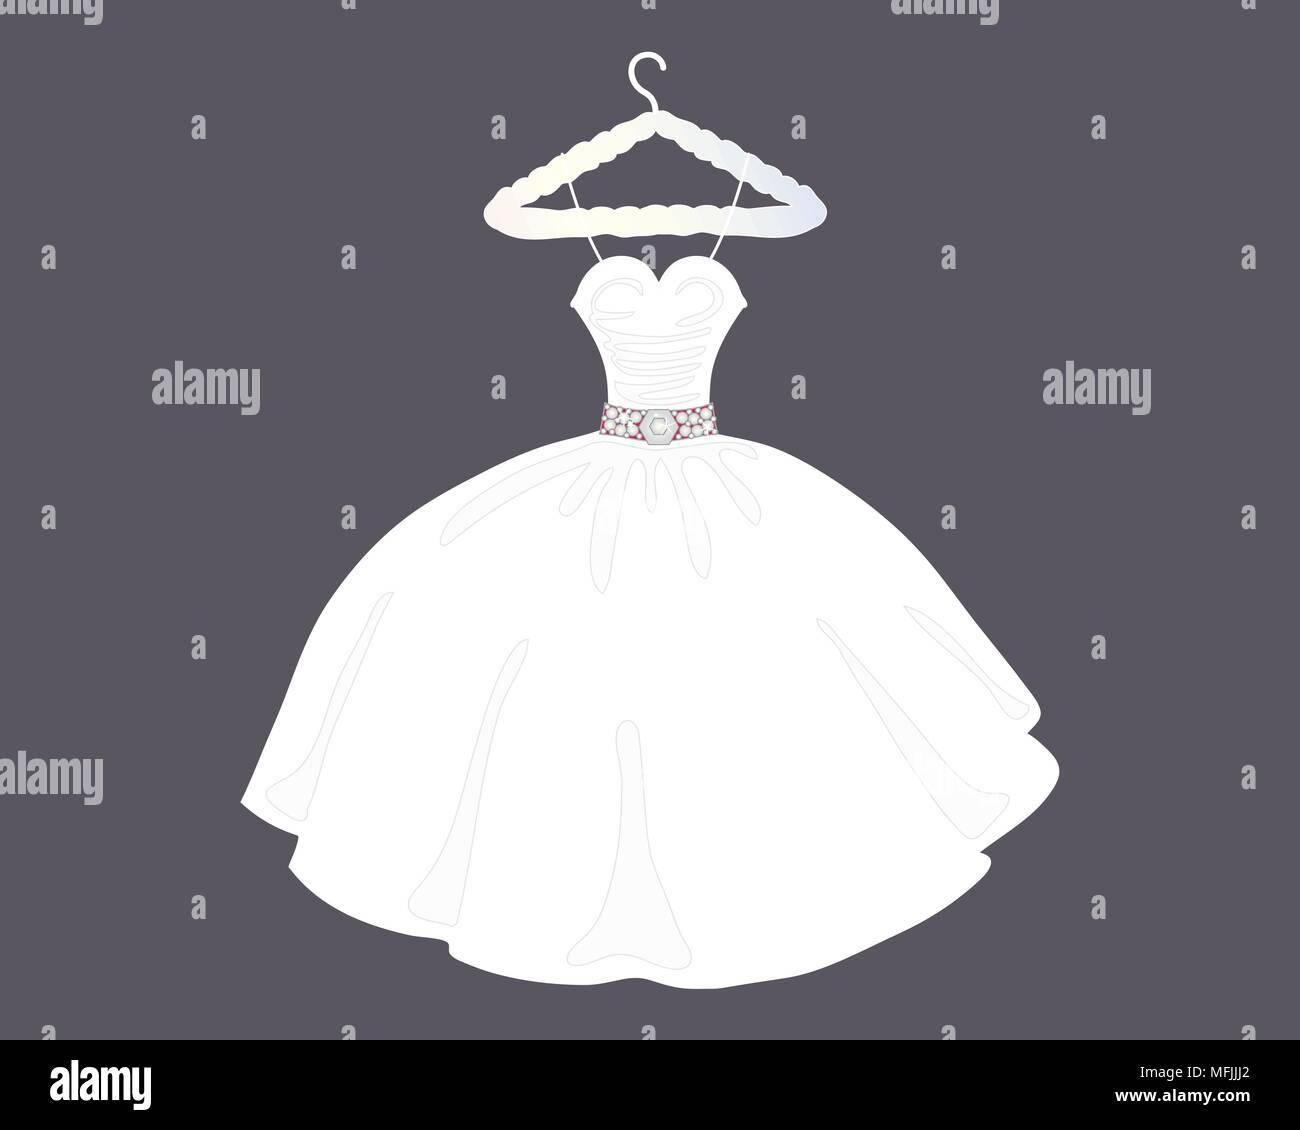 Una illustrazione vettoriale in formato eps 10 formato di un designer di Bellissimo abito da sposa in stile ballgown su un negozio appendiabiti con sfondo grigio Immagini Stock